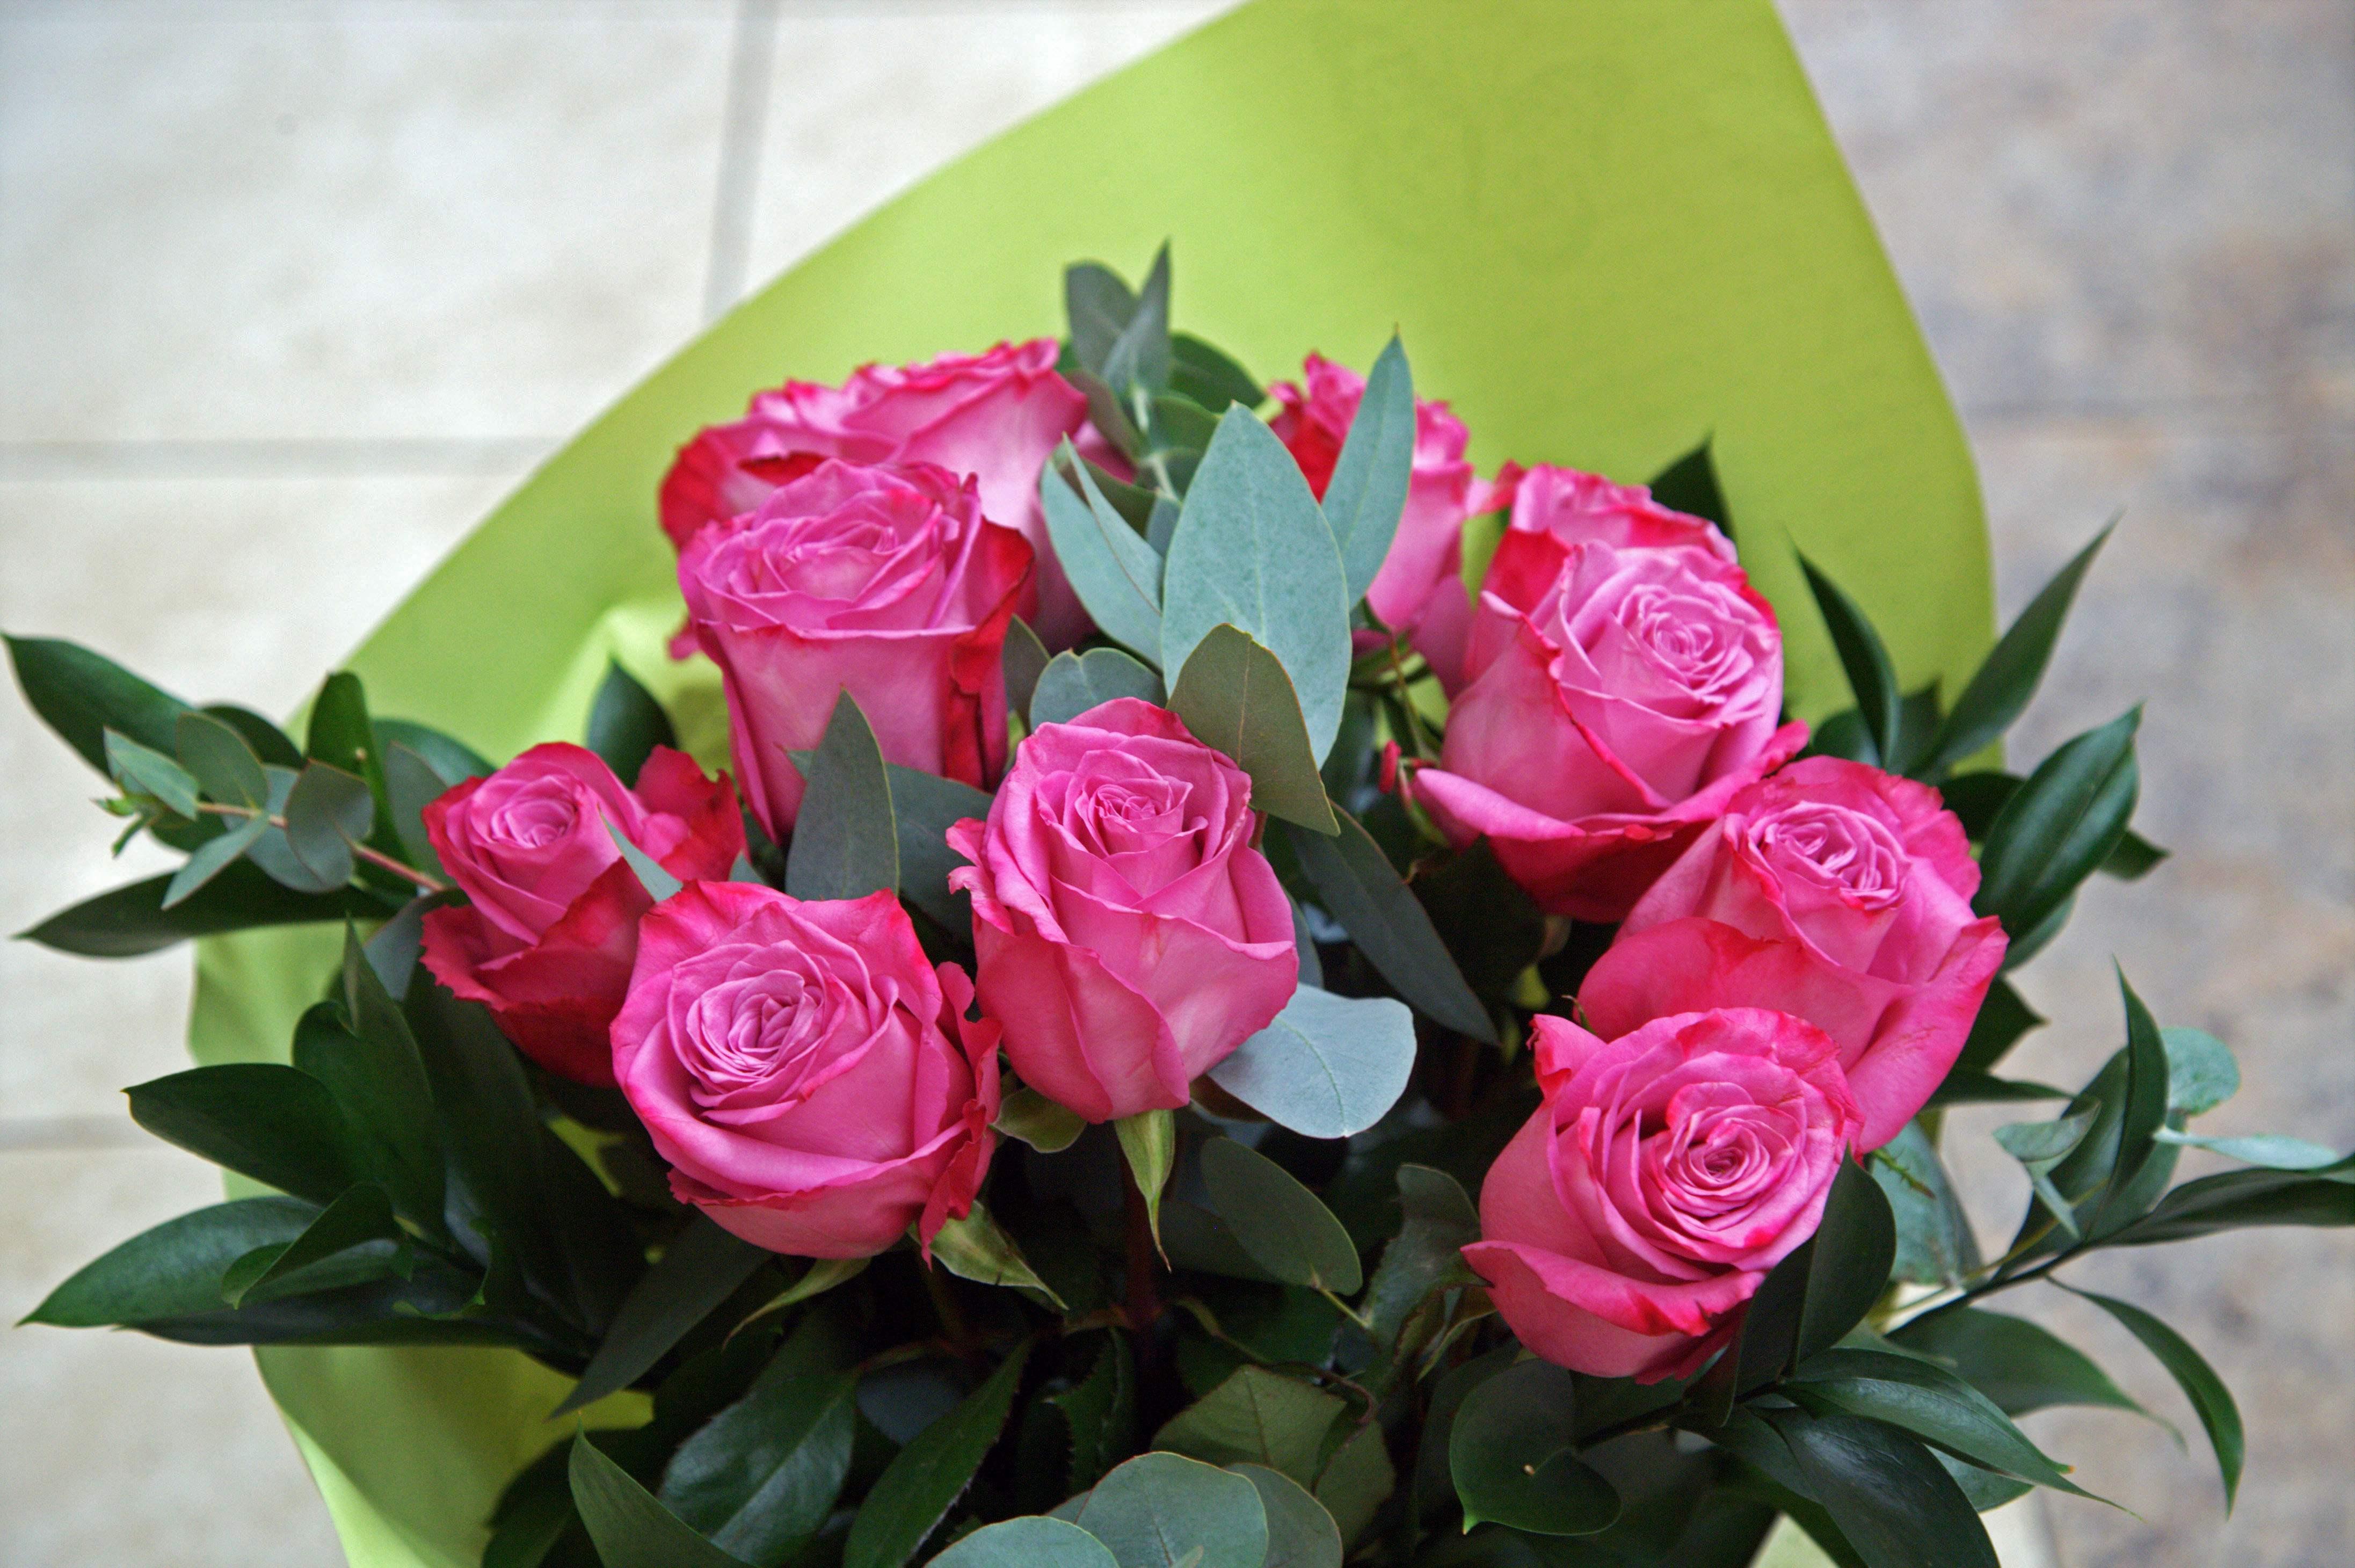 Trandafirii mov simbolizeaza dragostea la prima vedere